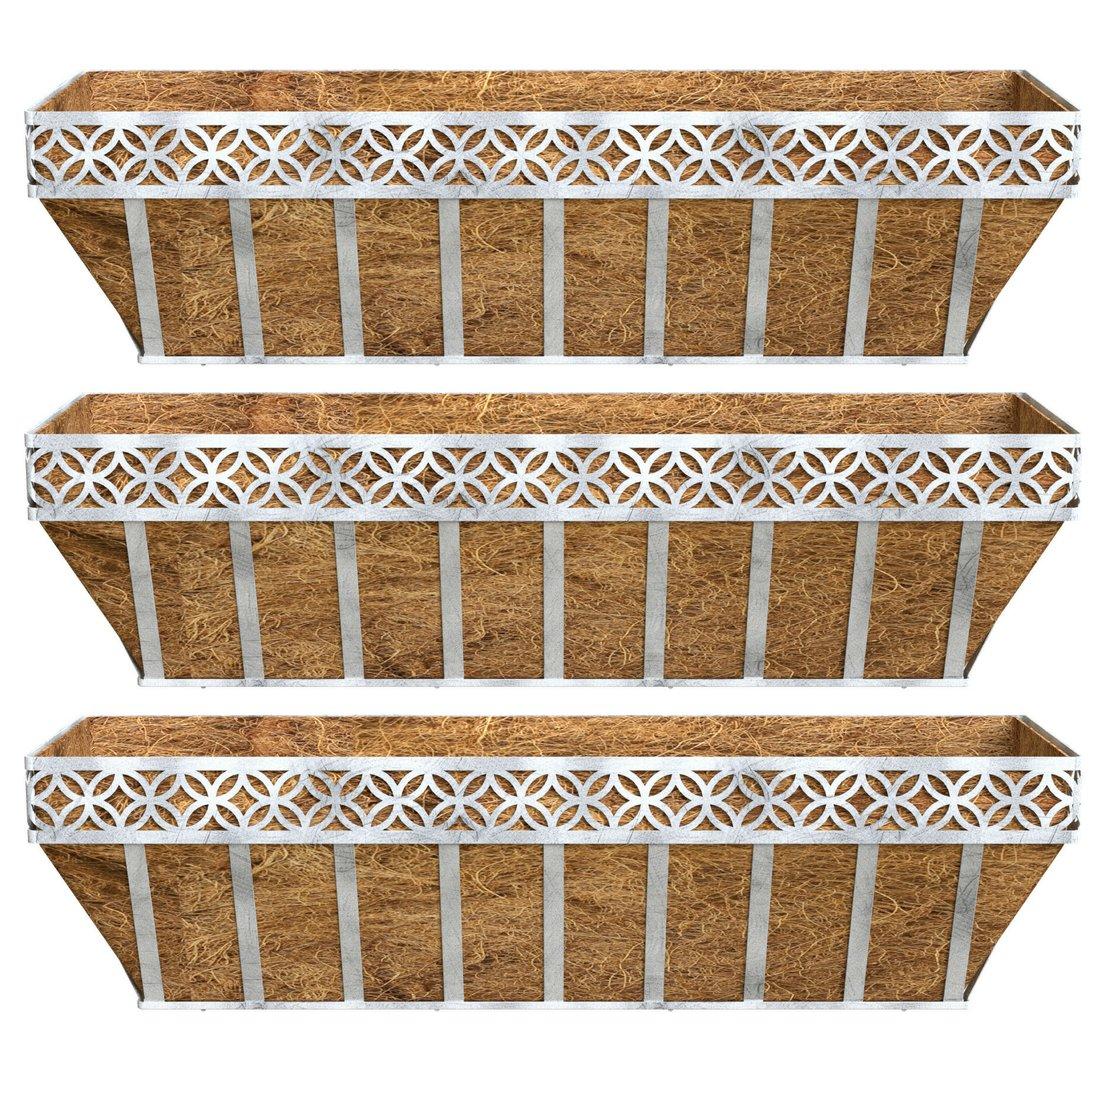 Better Homes and Gardens Patio Lattice Coco Window Box Planter (3)